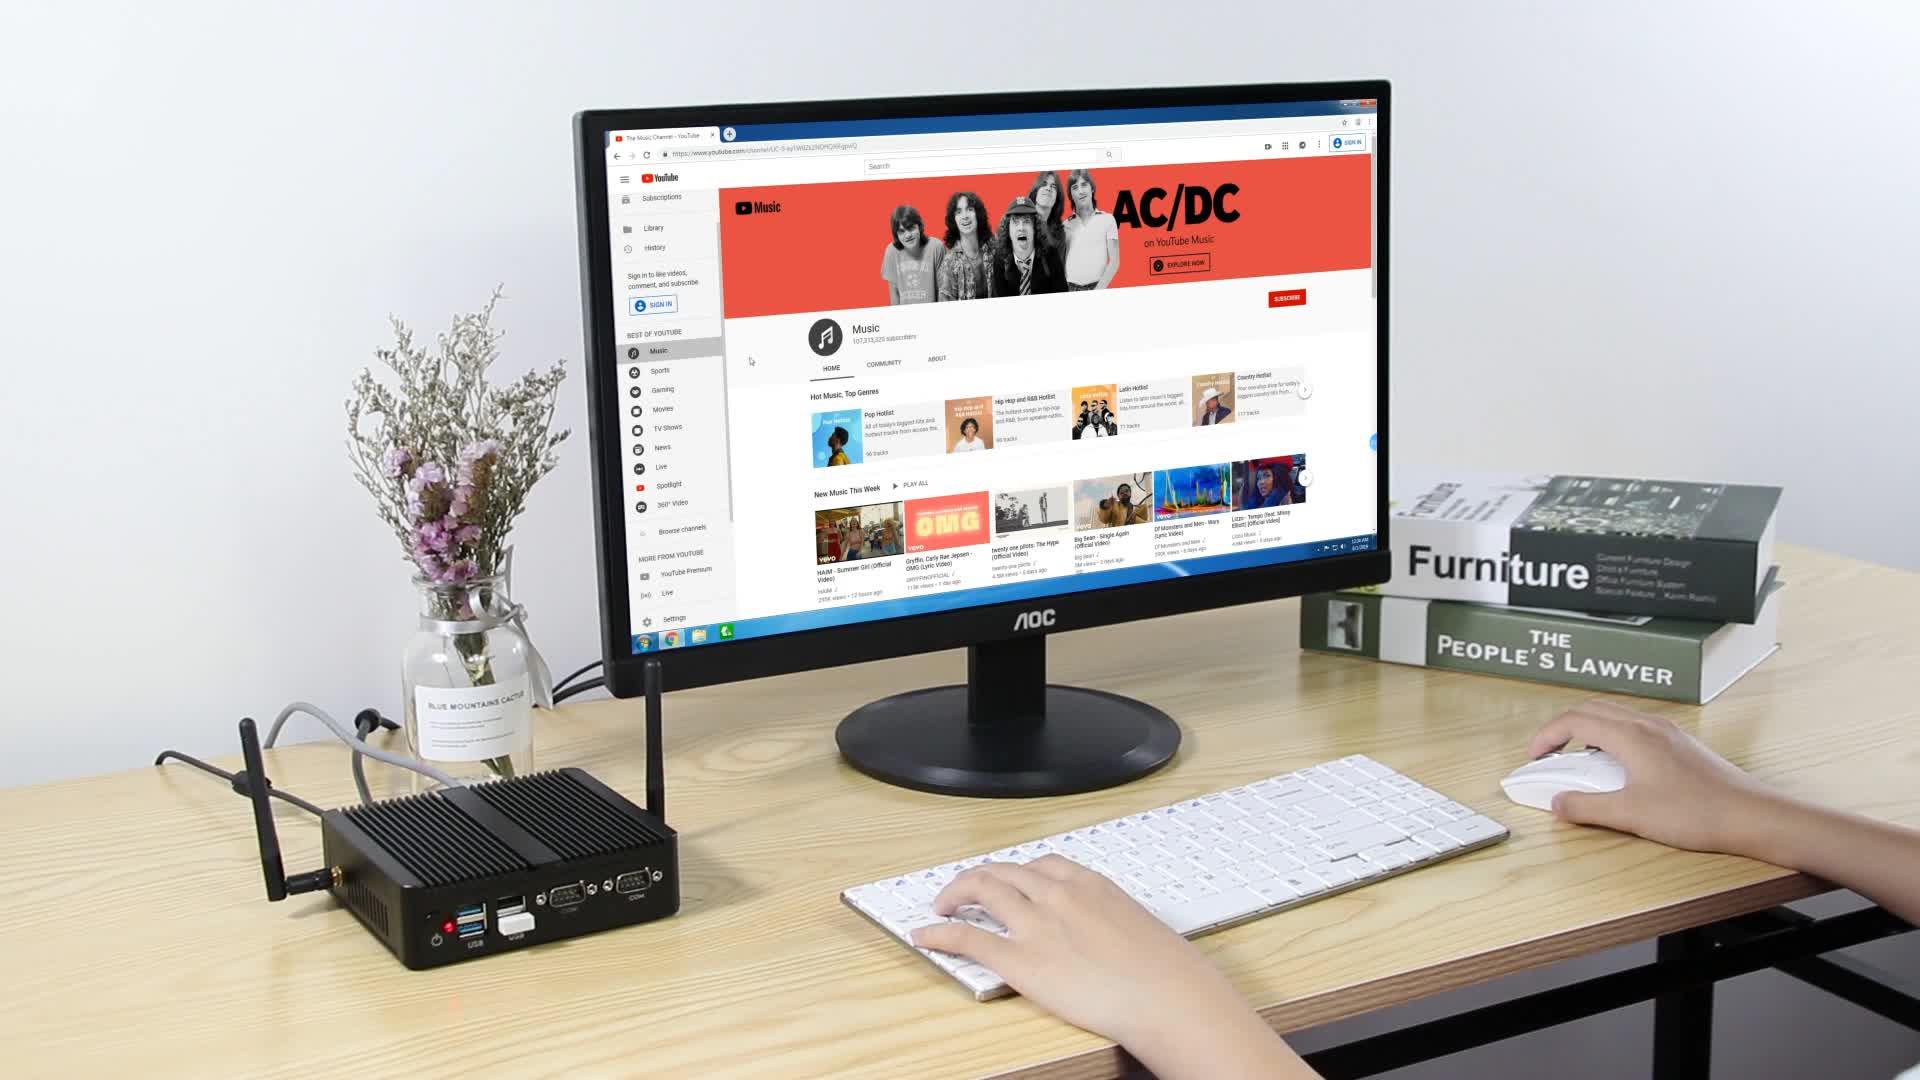 Không Quạt Công Nghiệp Dual Lan Nhỏ PC Intel I3 5005U 4010U 4010Y Máy Tính Máy Tính Để Bàn W/Dual COM 2 RS232 2 RJ45 Gigabit Cổng LAN